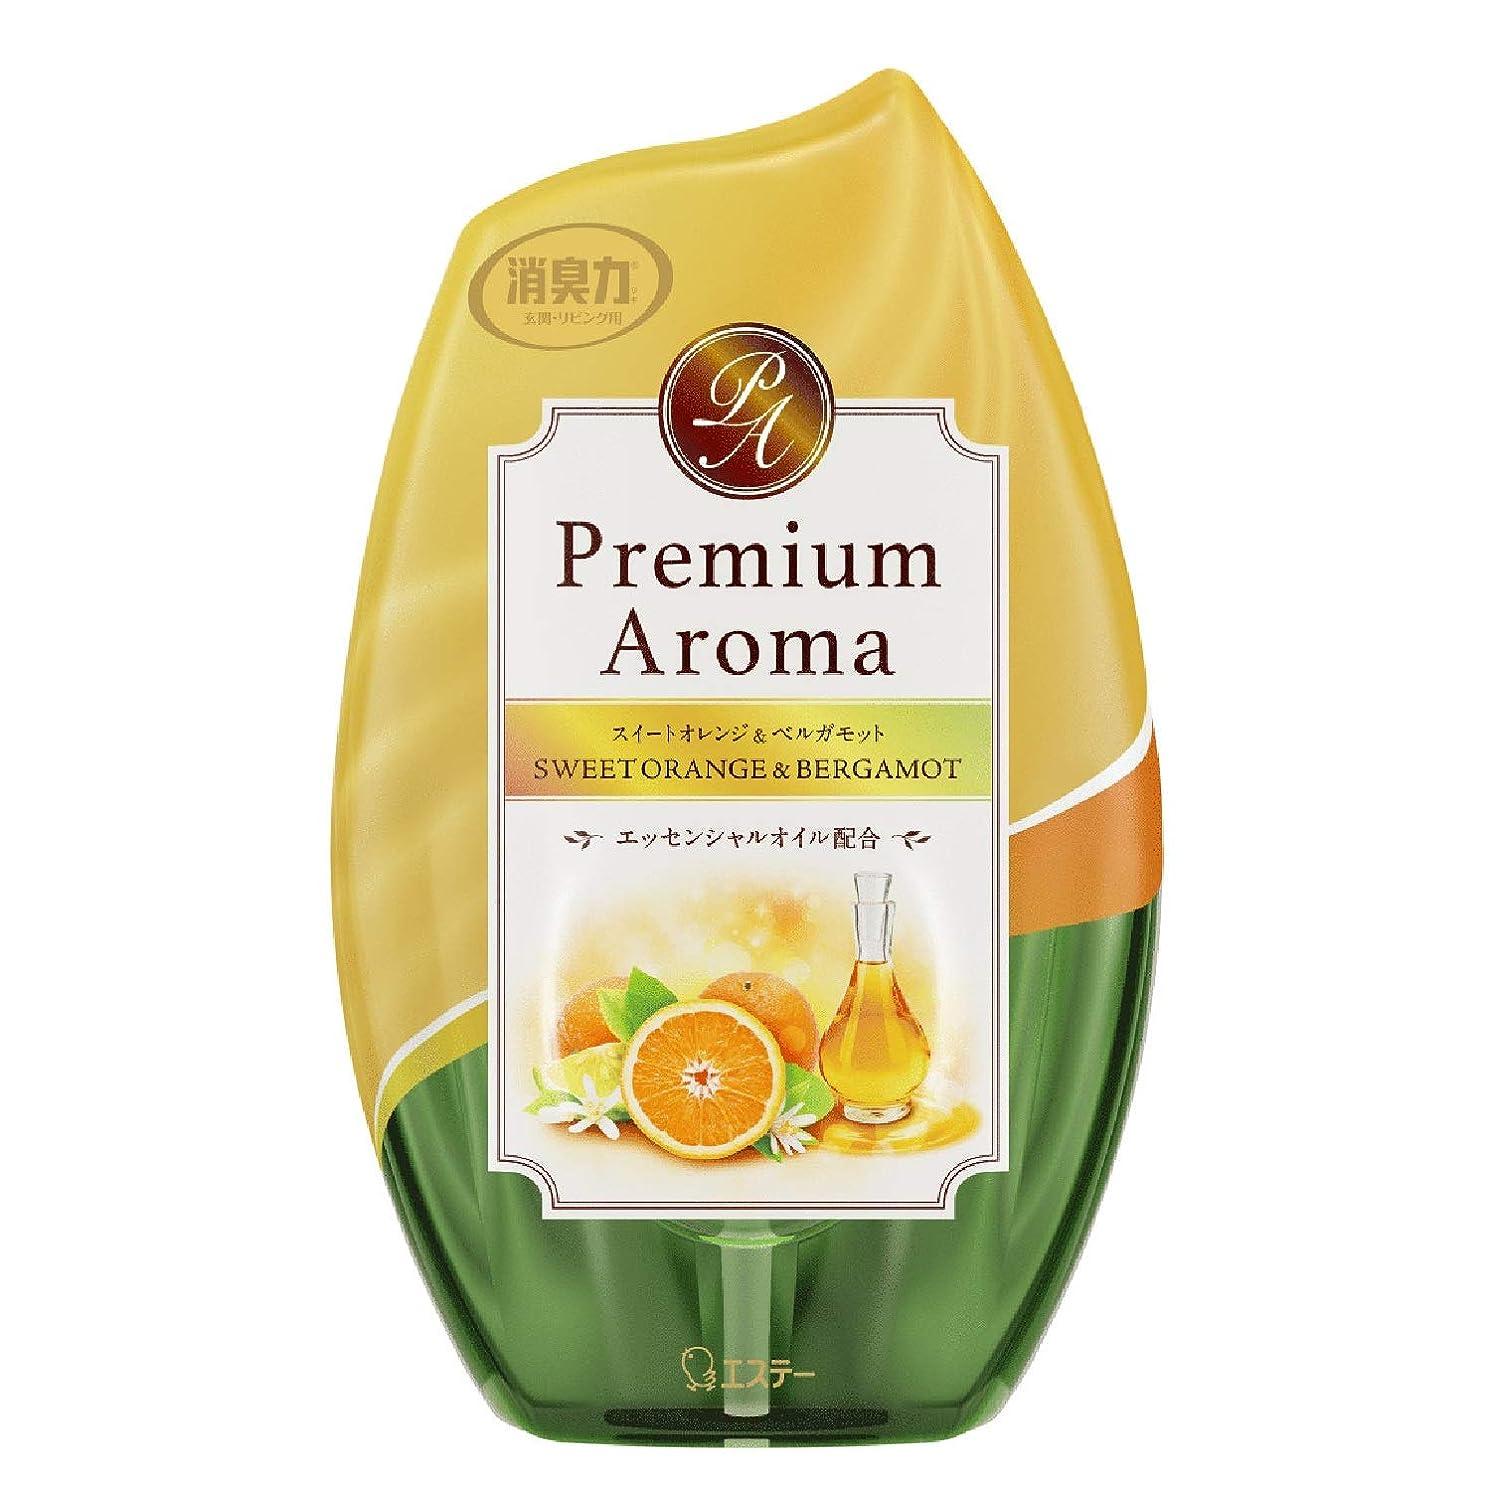 傷跡対角線グレーお部屋の消臭力 プレミアムアロマ Premium Aroma 消臭芳香剤 部屋用 部屋 スイートオレンジ&ベルガモットの香り 400ml